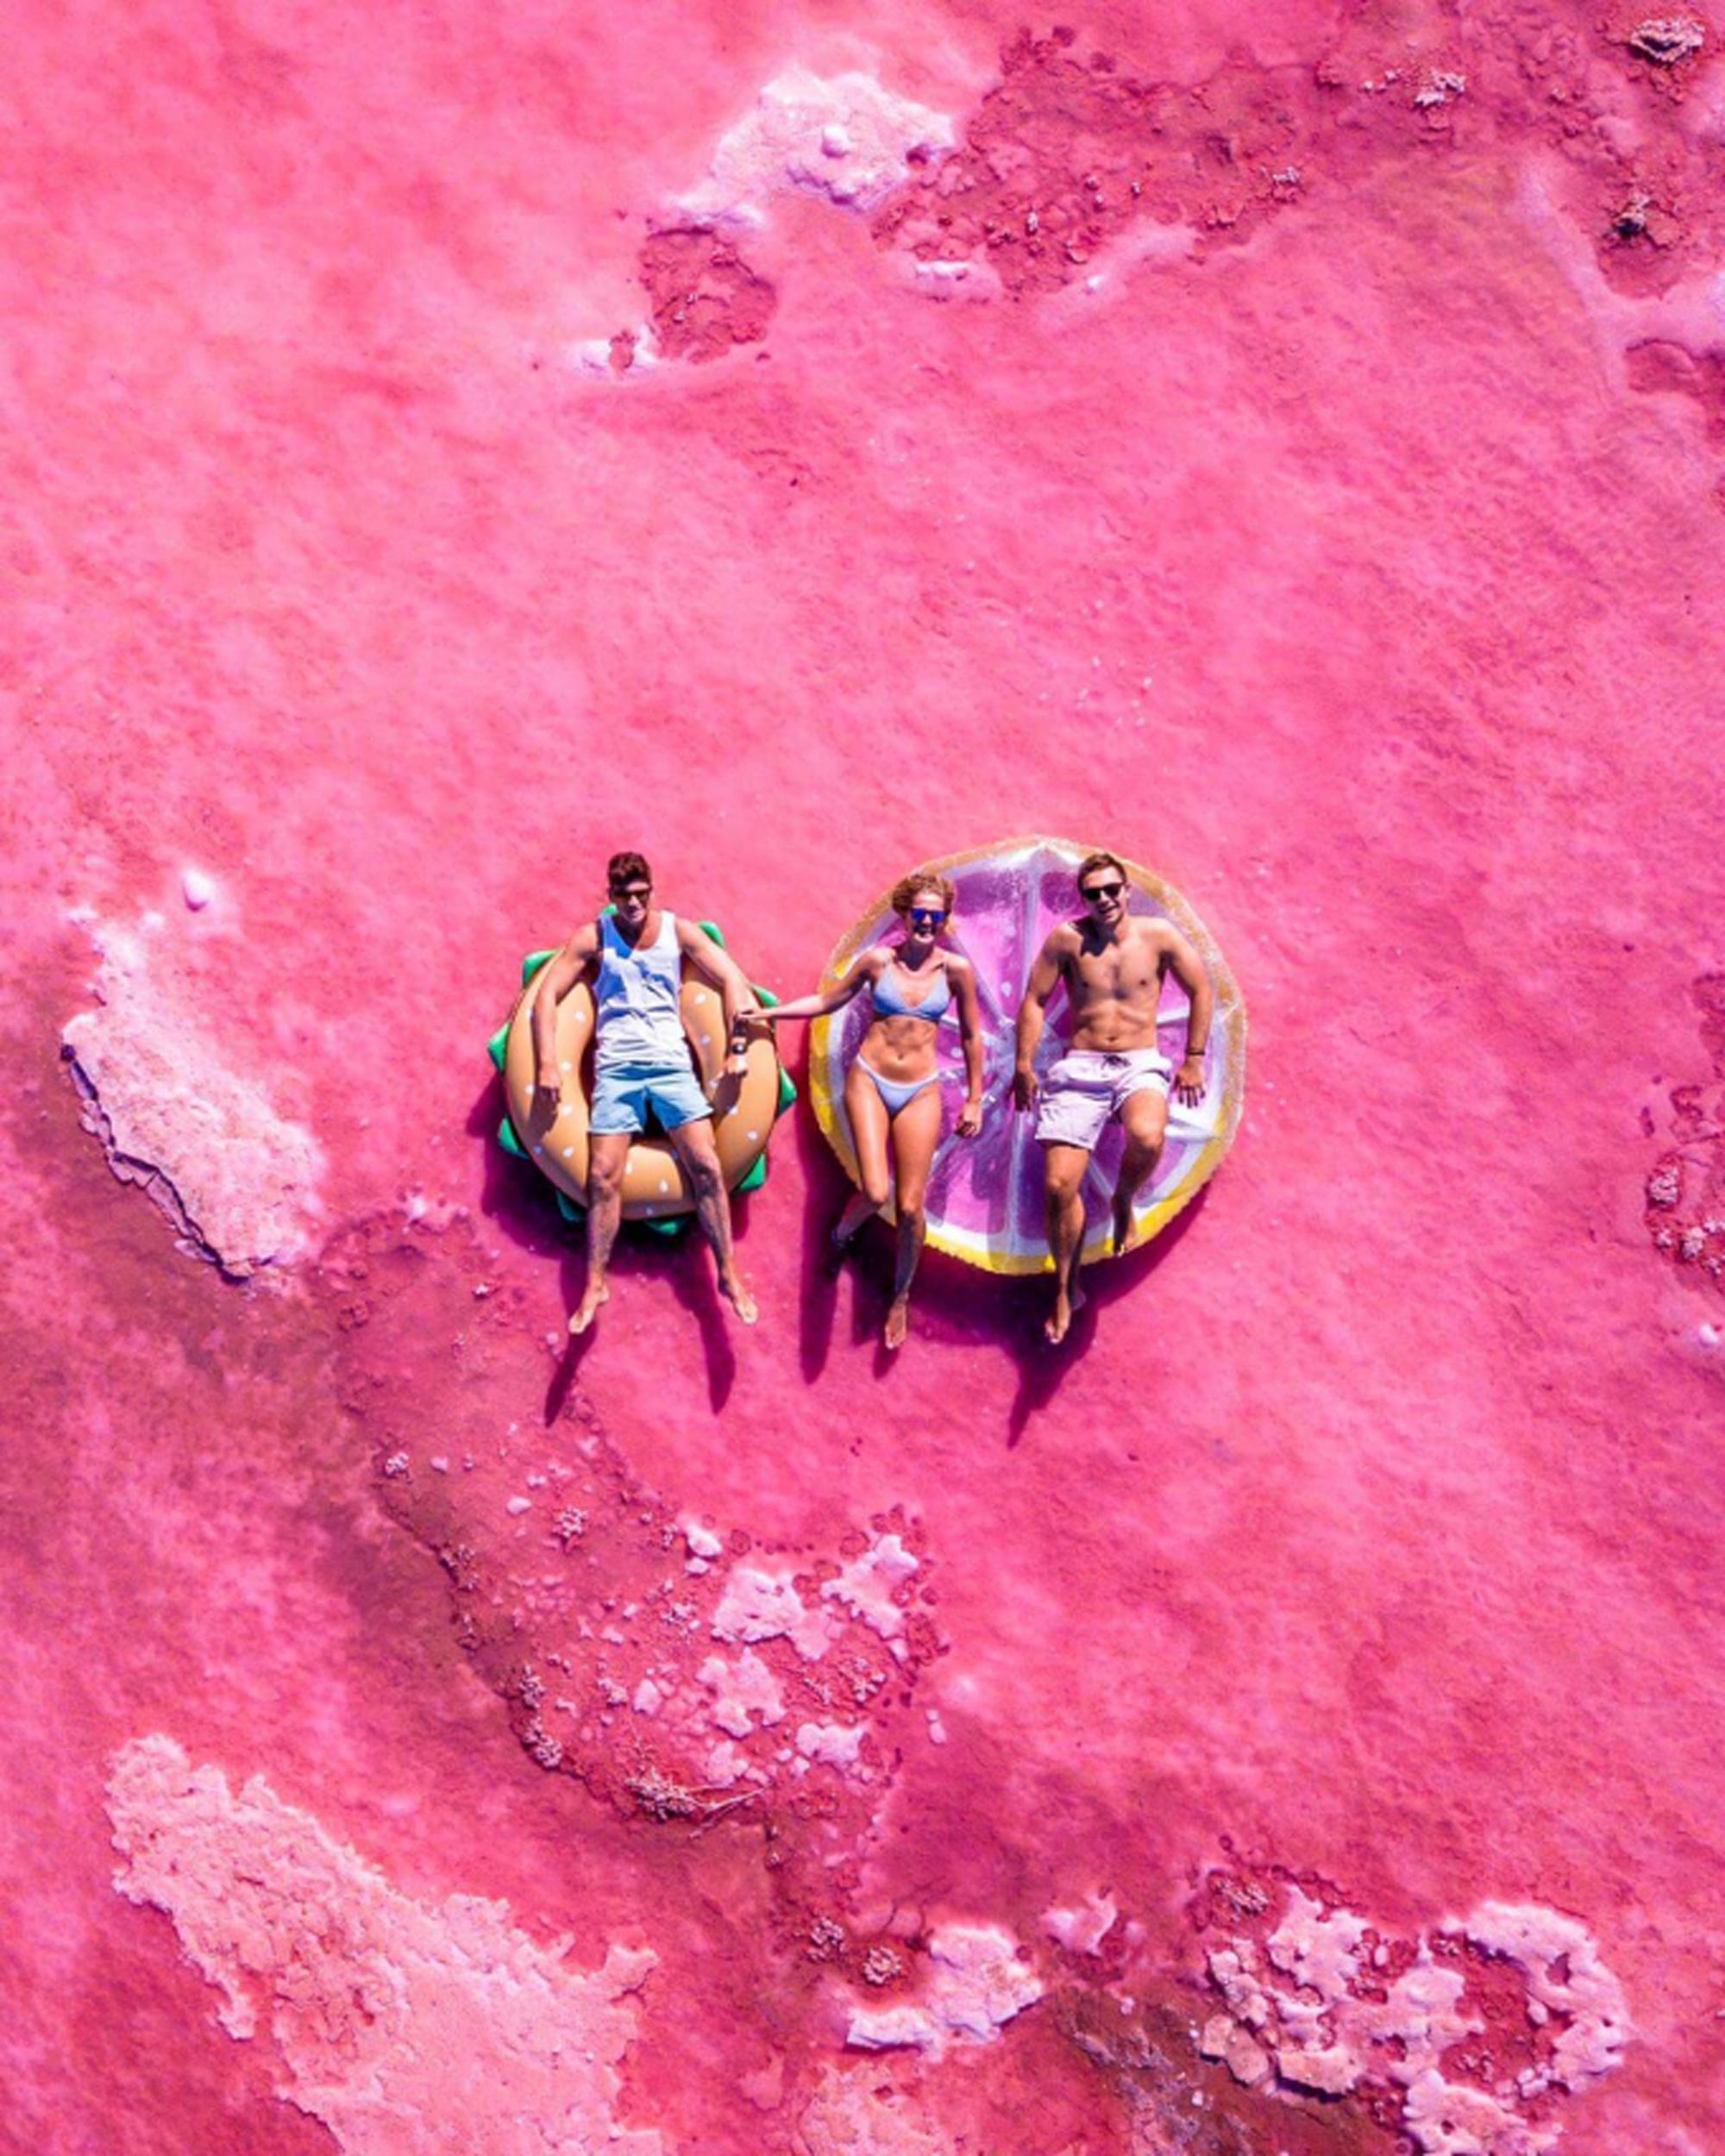 Con đường siêu đẹp giữa hai luồng nước xanh và hồng - Ảnh 3.